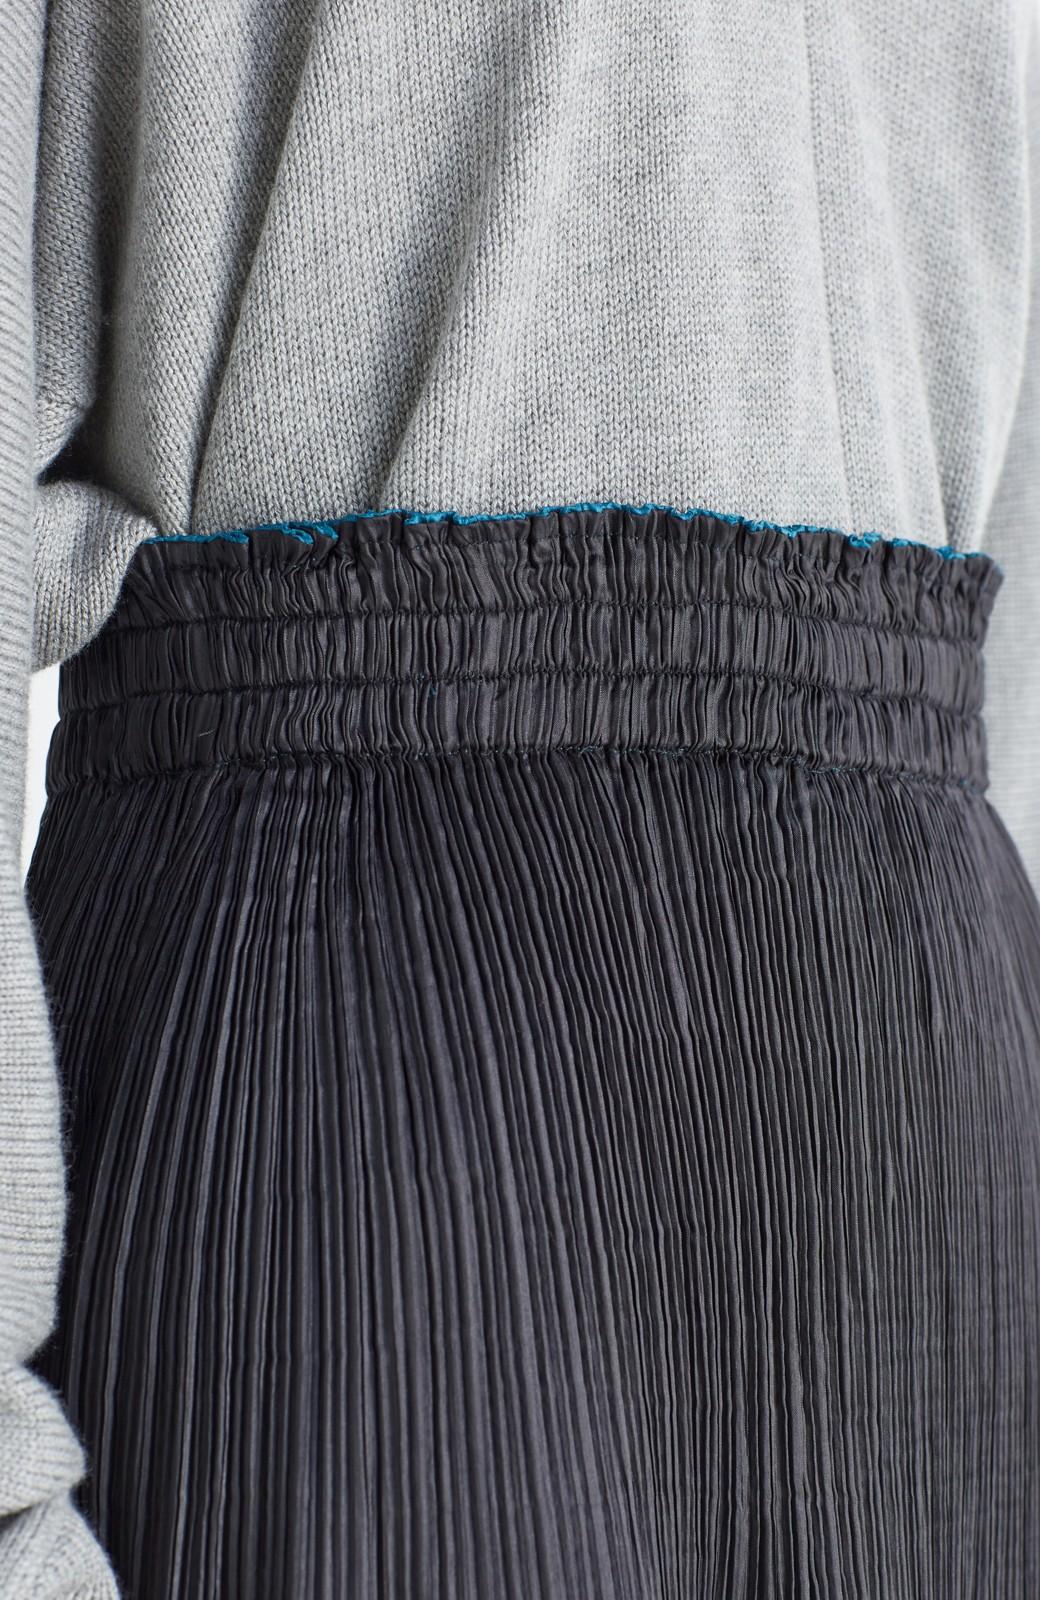 haco! 予定に合わせて楽しめる 旅にベンリなランダムプリーツリバーシブルスカート <ブラック系その他>の商品写真5